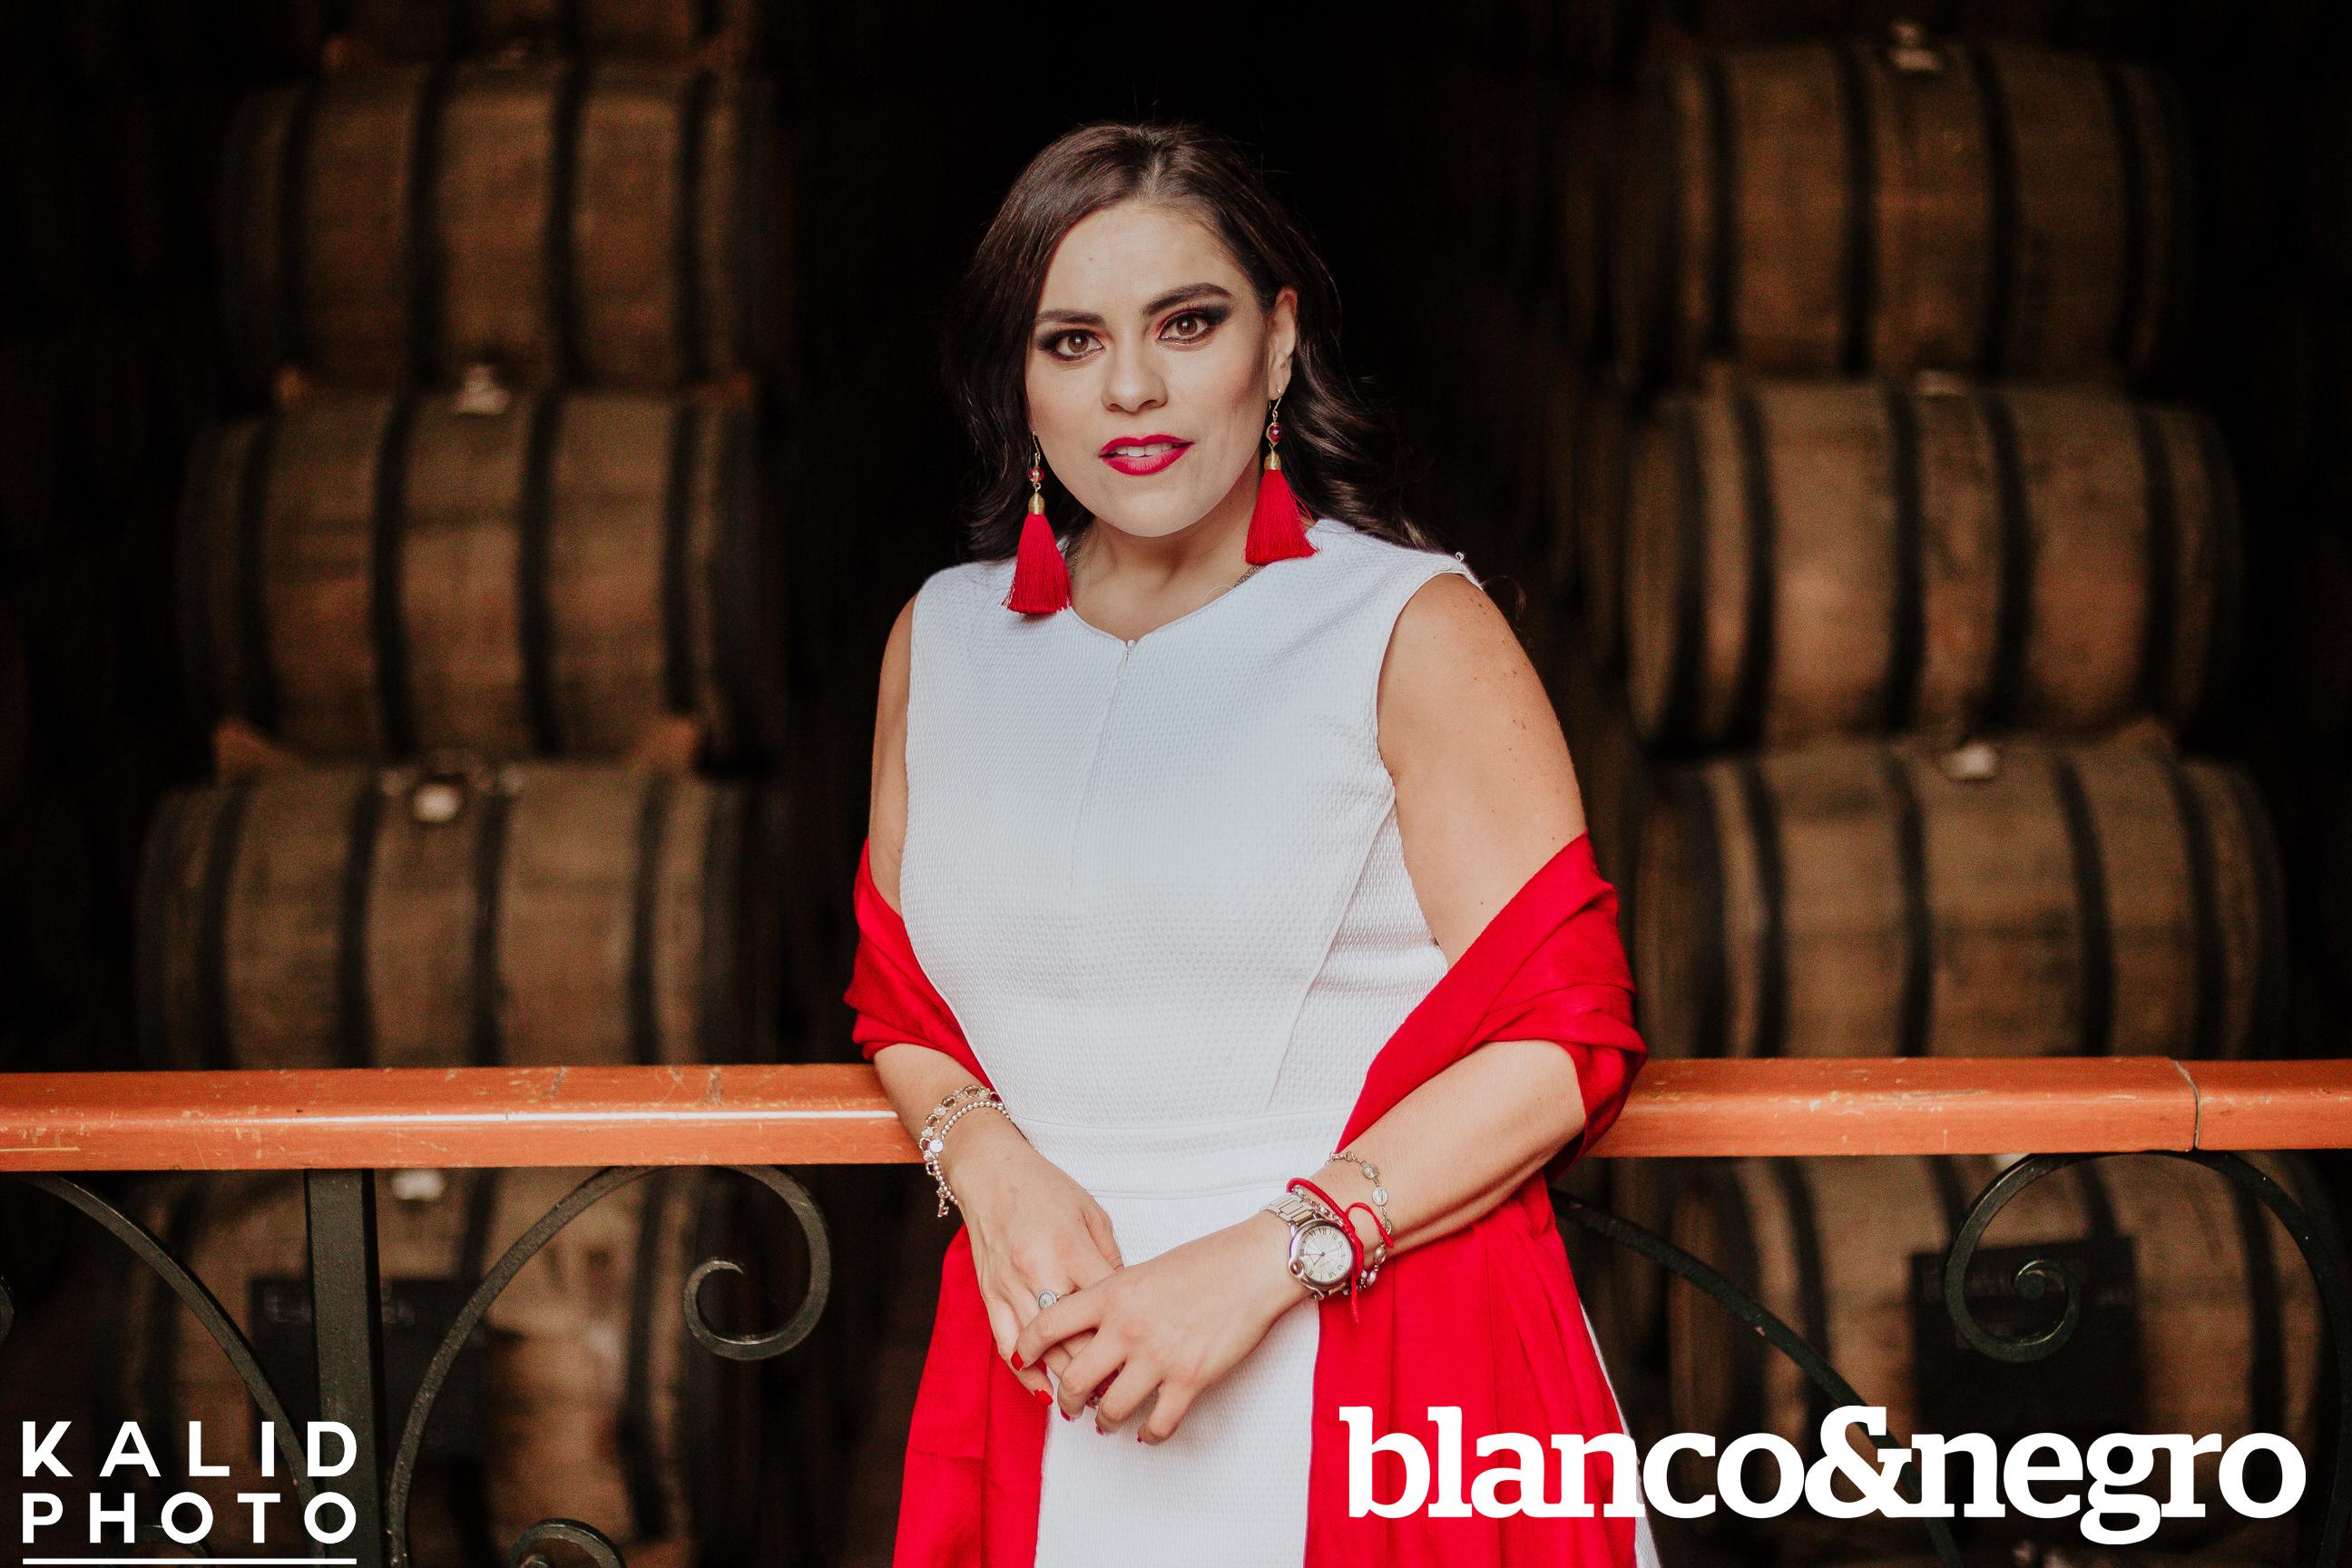 Mayra-BlancoYnegro-486